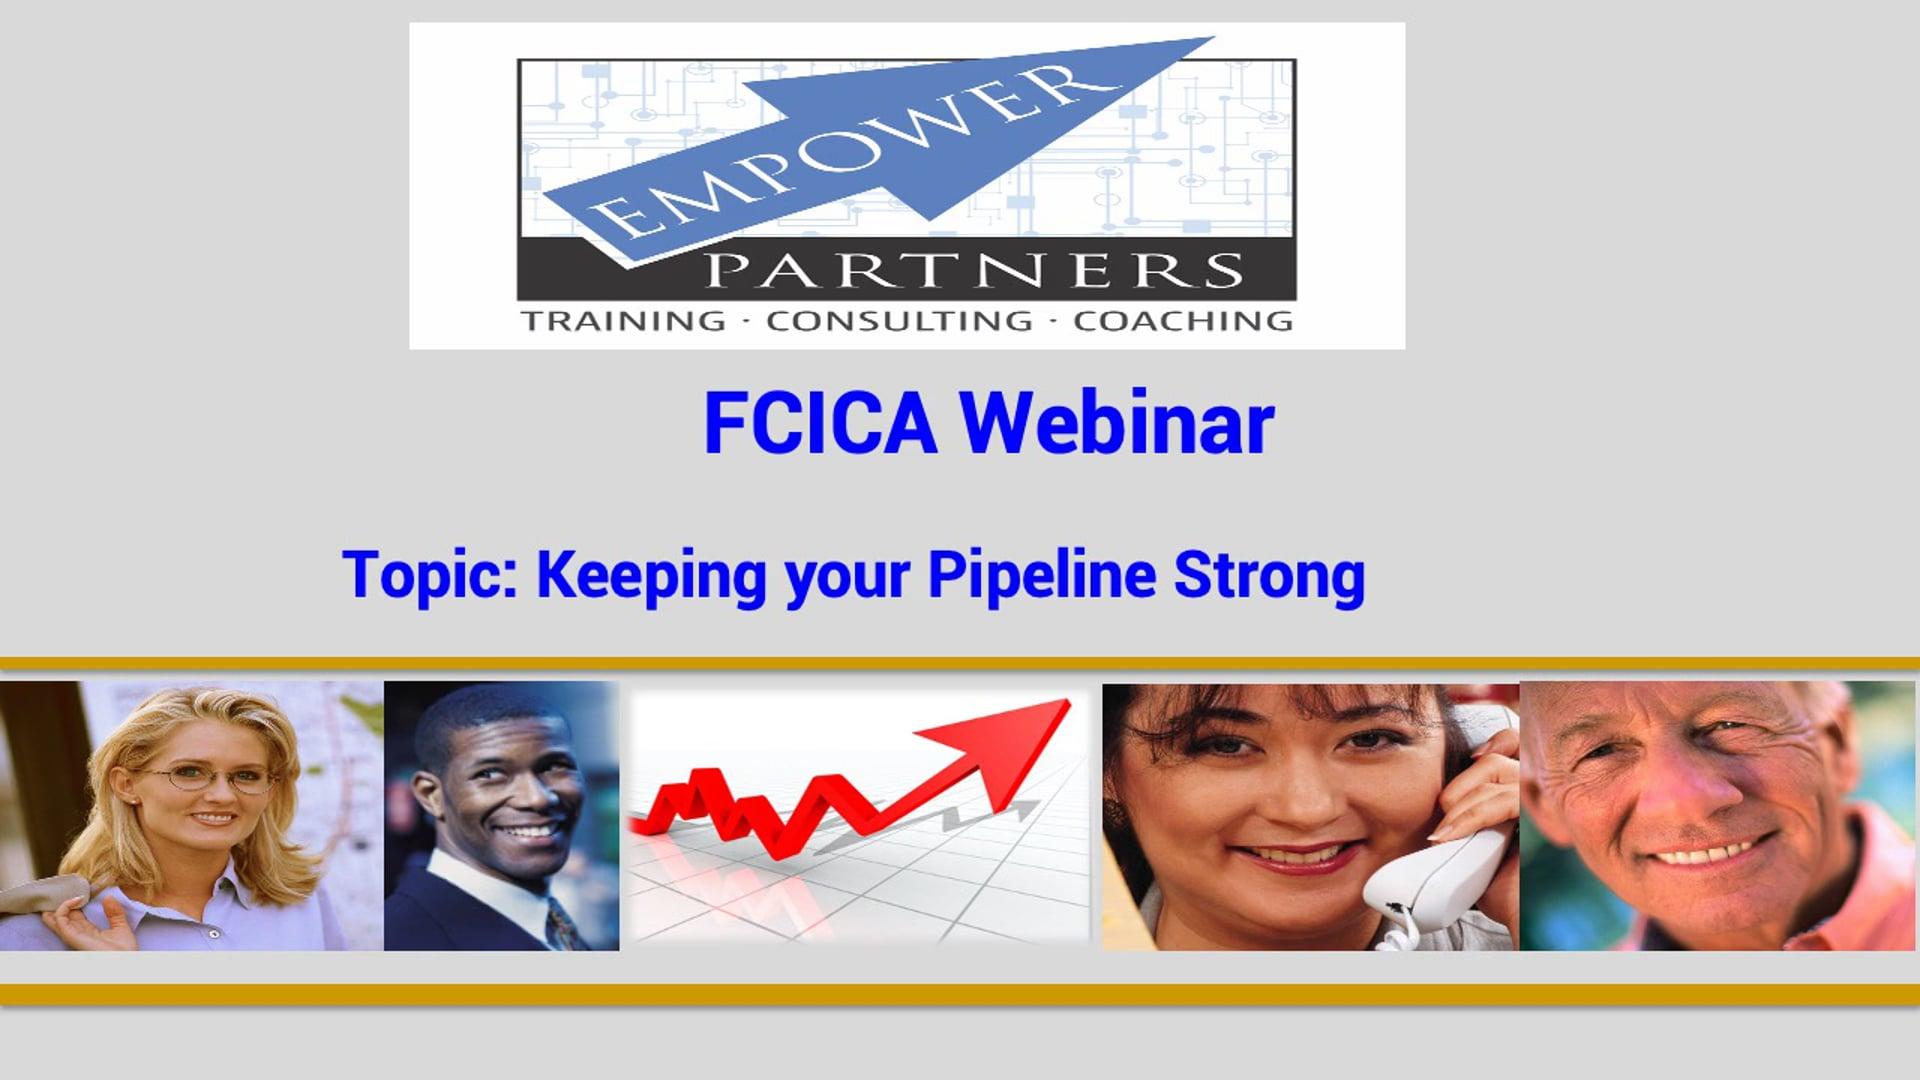 FCICA Webinar